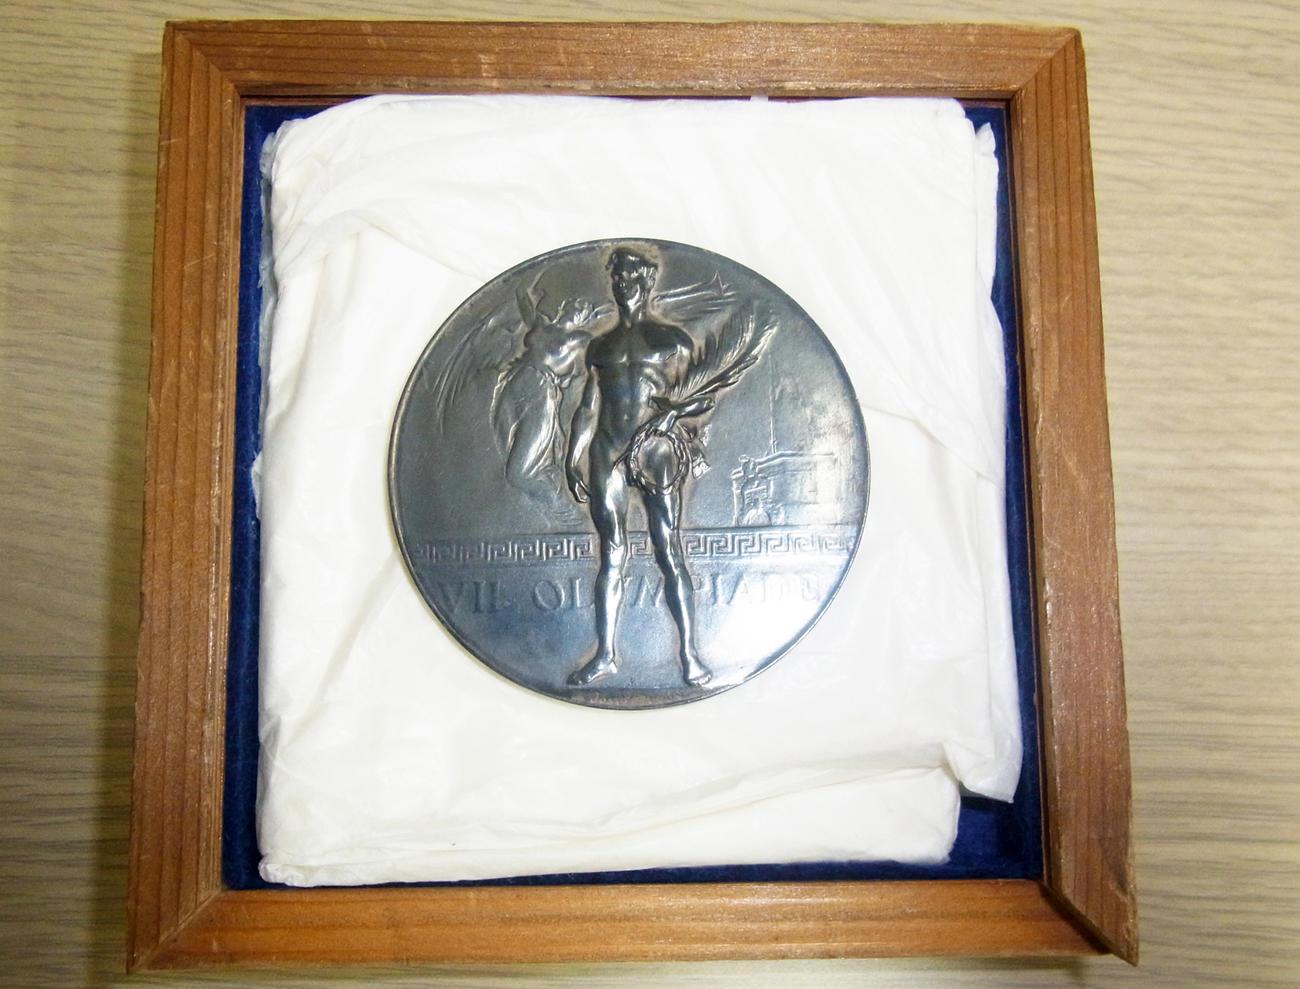 日本初の五輪メダルとなったテニスの熊谷一弥が20年アントワープ大会で獲得した銀メダル